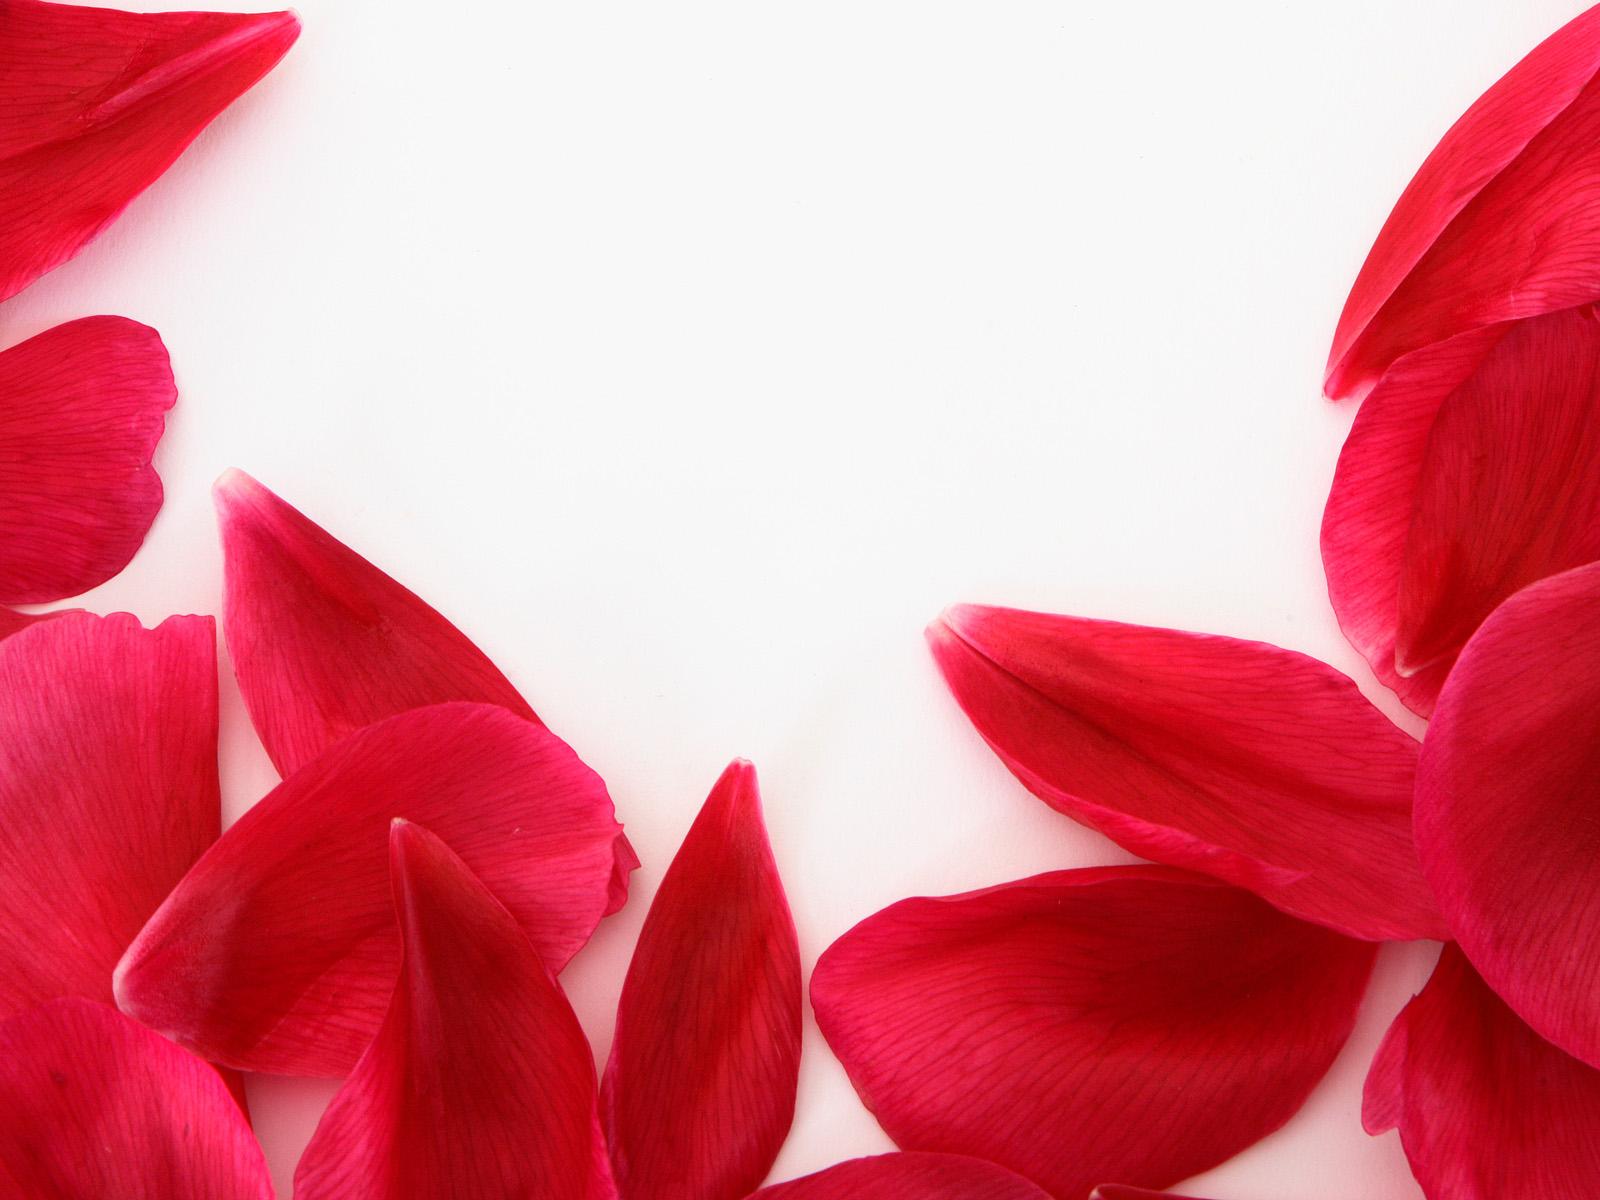 散落一片花瓣简笔画 花瓣图片(点击浏览下一张趣图)